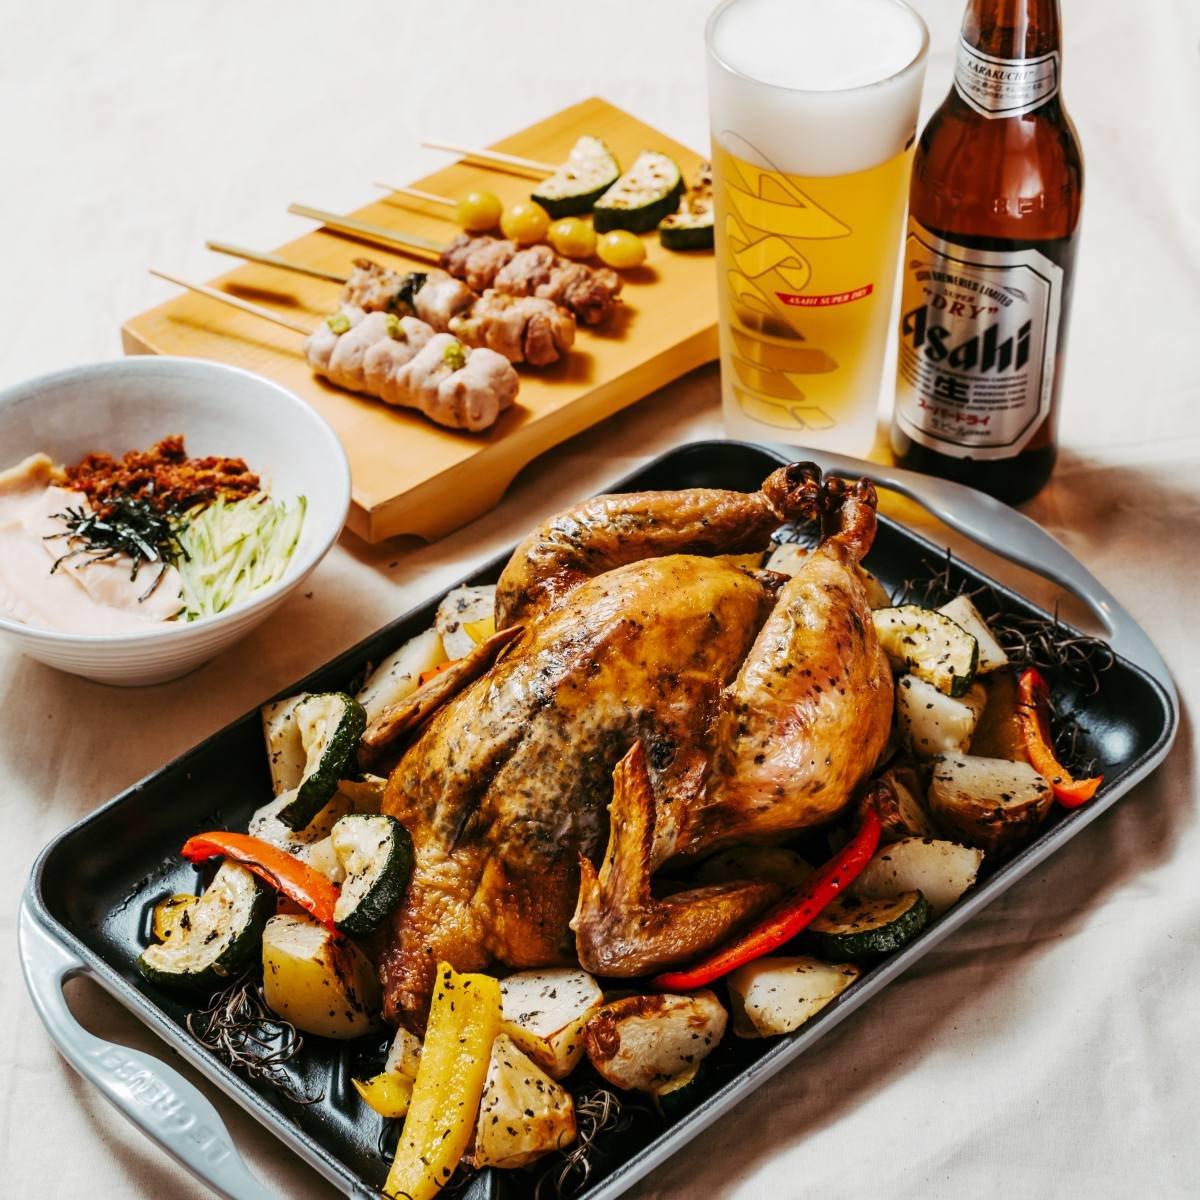 鳥哲燒物-松露烤雞四人套餐